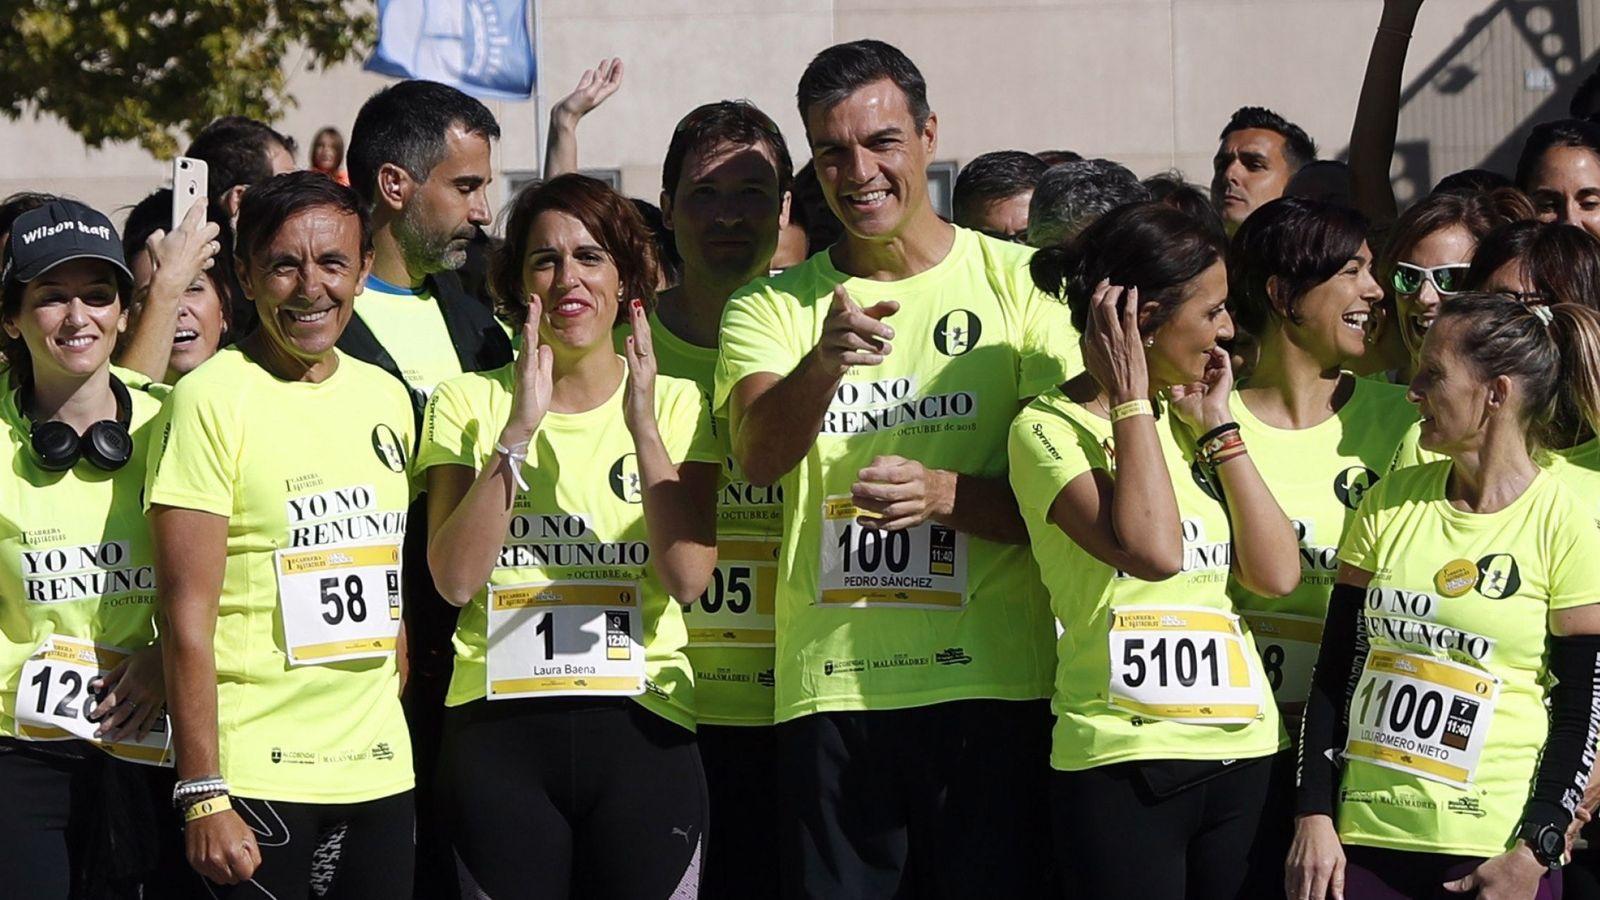 Foto: Pedro Sánchez, durante la carrera organizada por Malasmadres, este 7 de octubre en Alcobendas. (EFE)